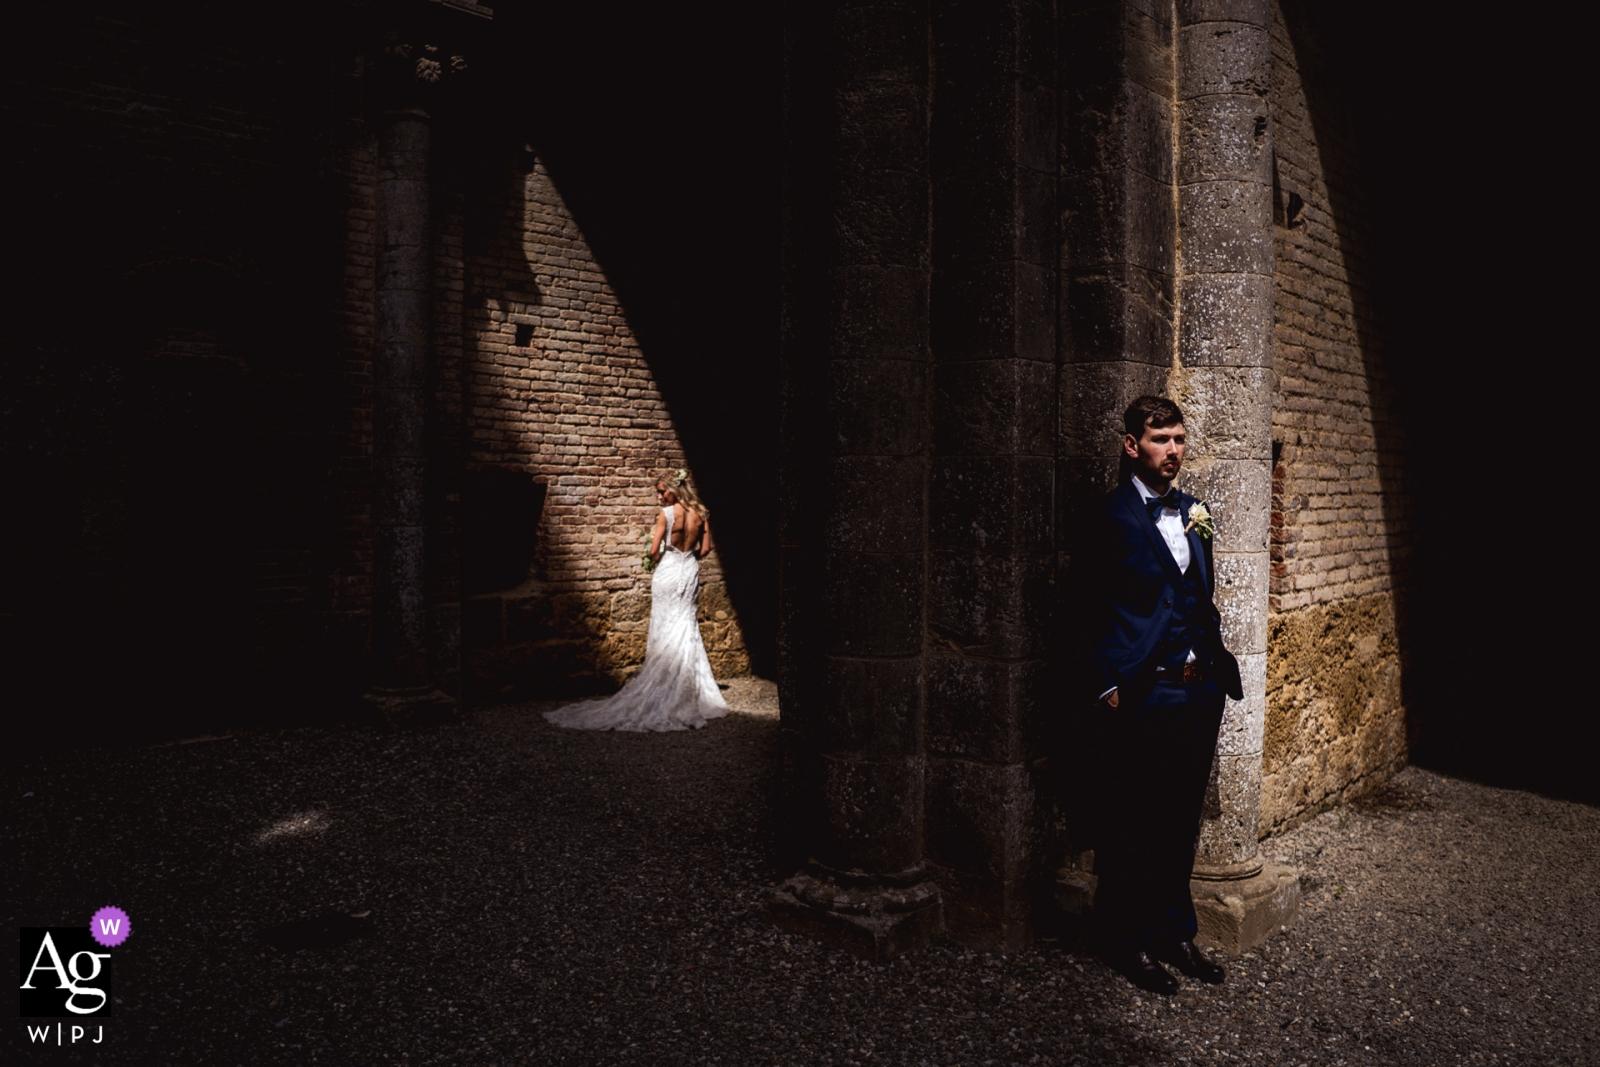 Foto artística de la boda de Siena durante la sesión de retratos de la Toscana con los novios a la luz del sol